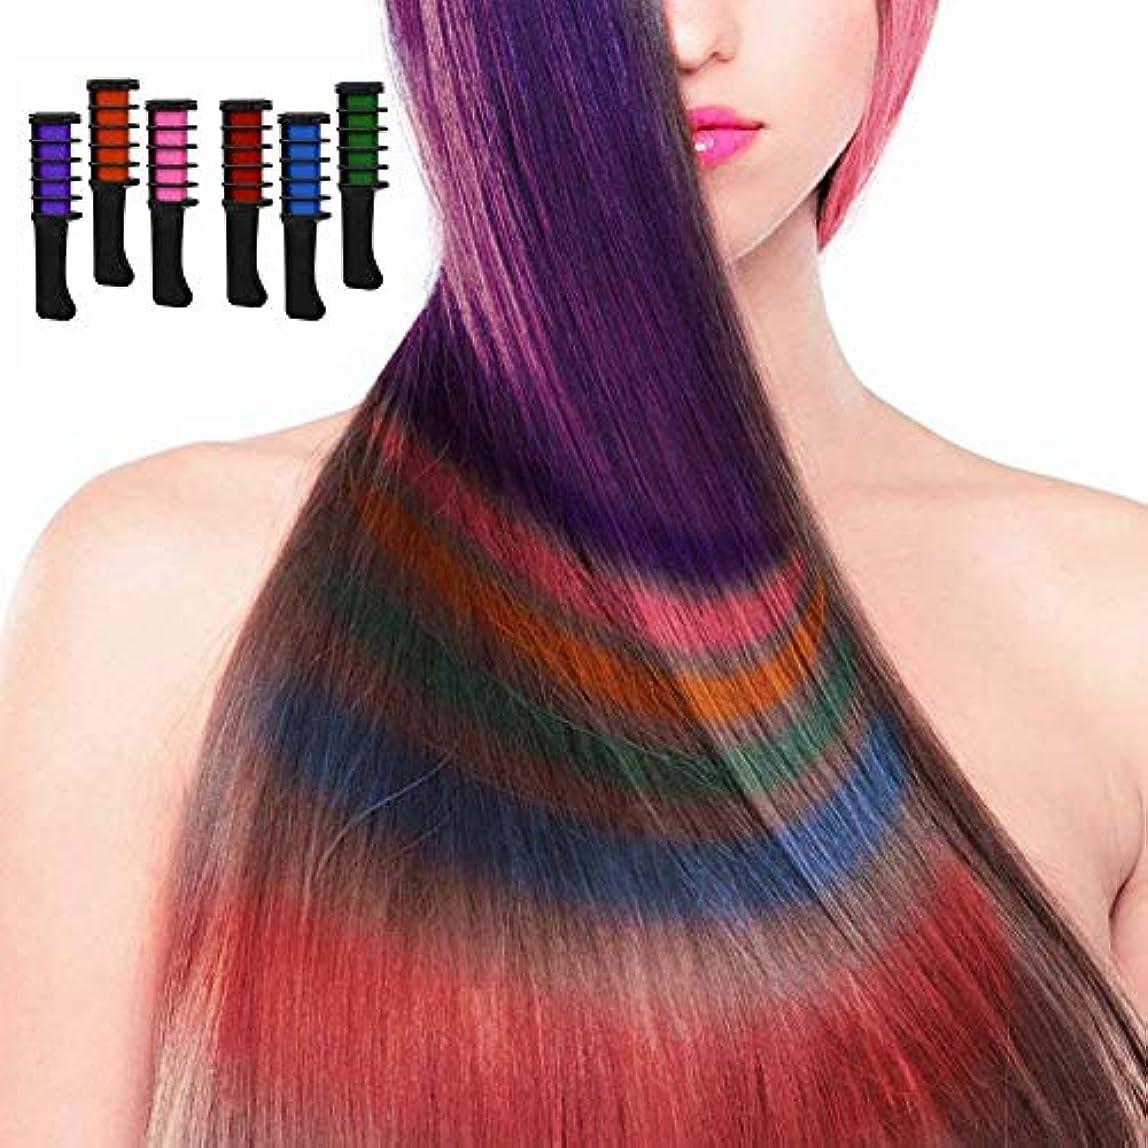 誤解するデッキ潮使い捨てヘアダイスティック一時的なヘアカラークリームはすべての髪の色で動作しますDIYパーティーコスプレハロウィン(6色)